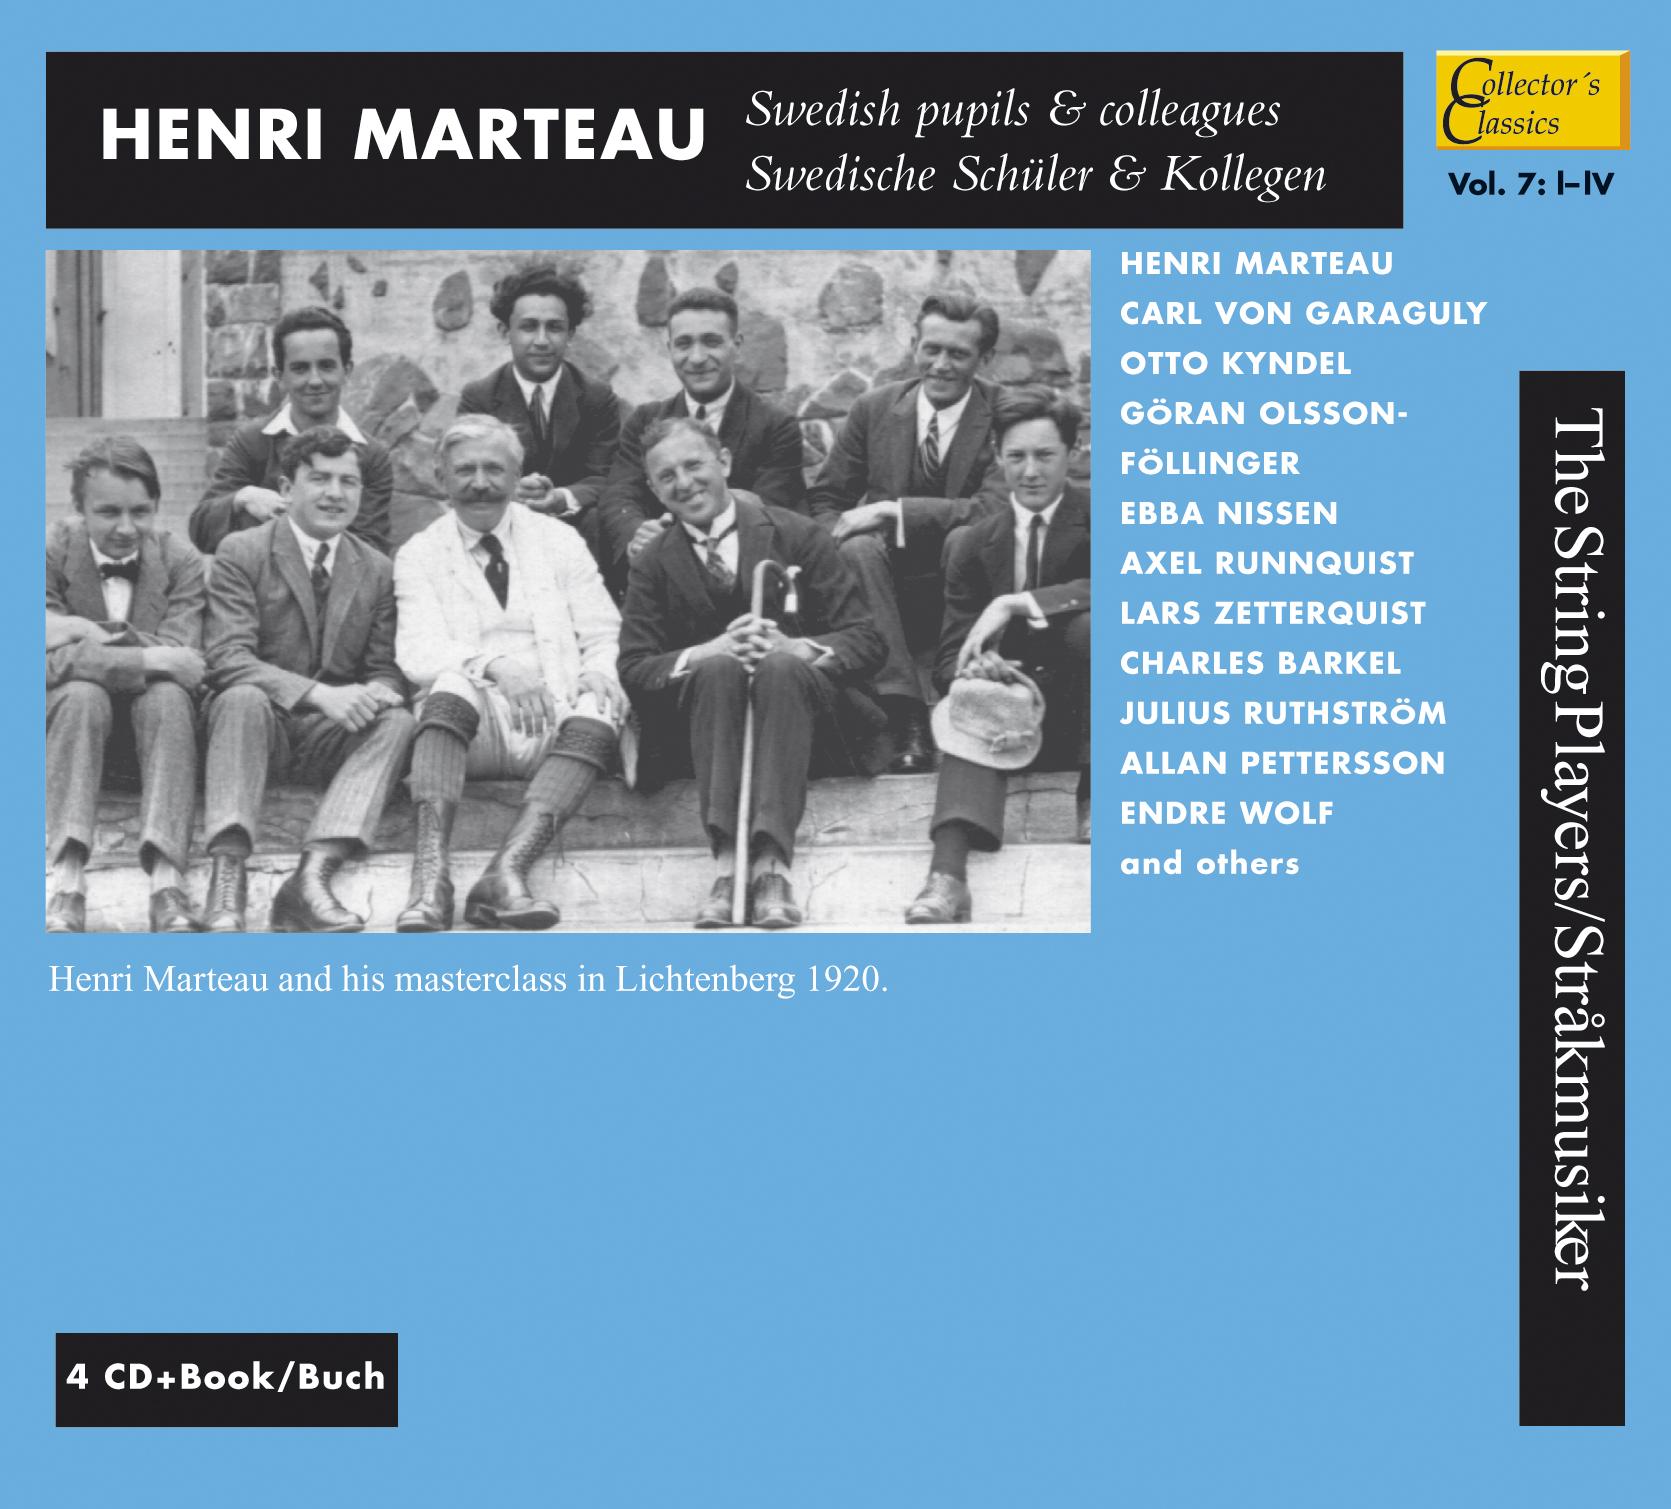 Henri Marteau, svenska elever och kolleger vol. 7